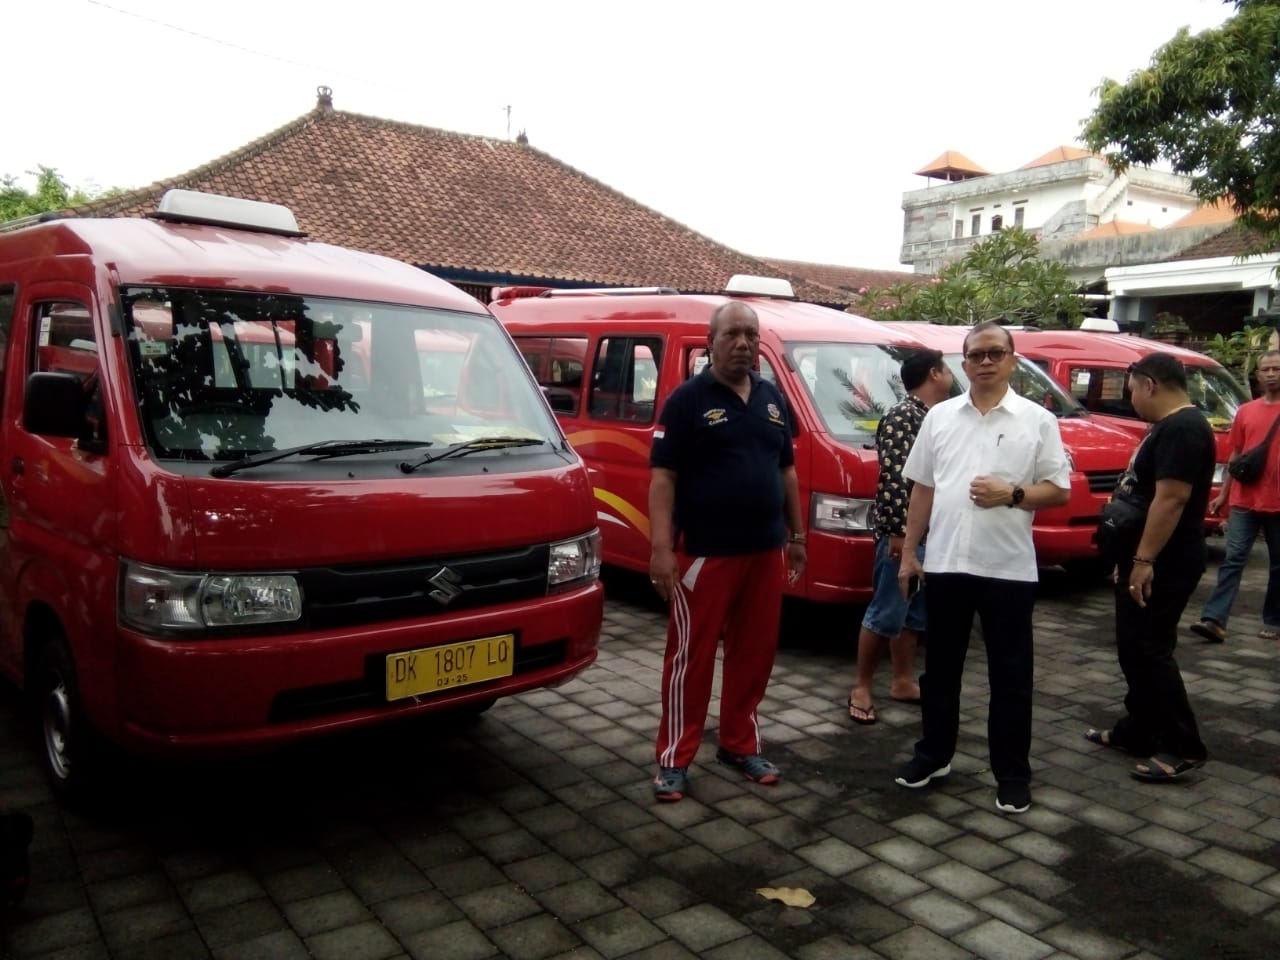 PELAKSANAAN KIR kolektif untuk angkutan siswa di Kantor Dishub Gianyar, Jumat (6/3/2020). Foto: kadek adiputra